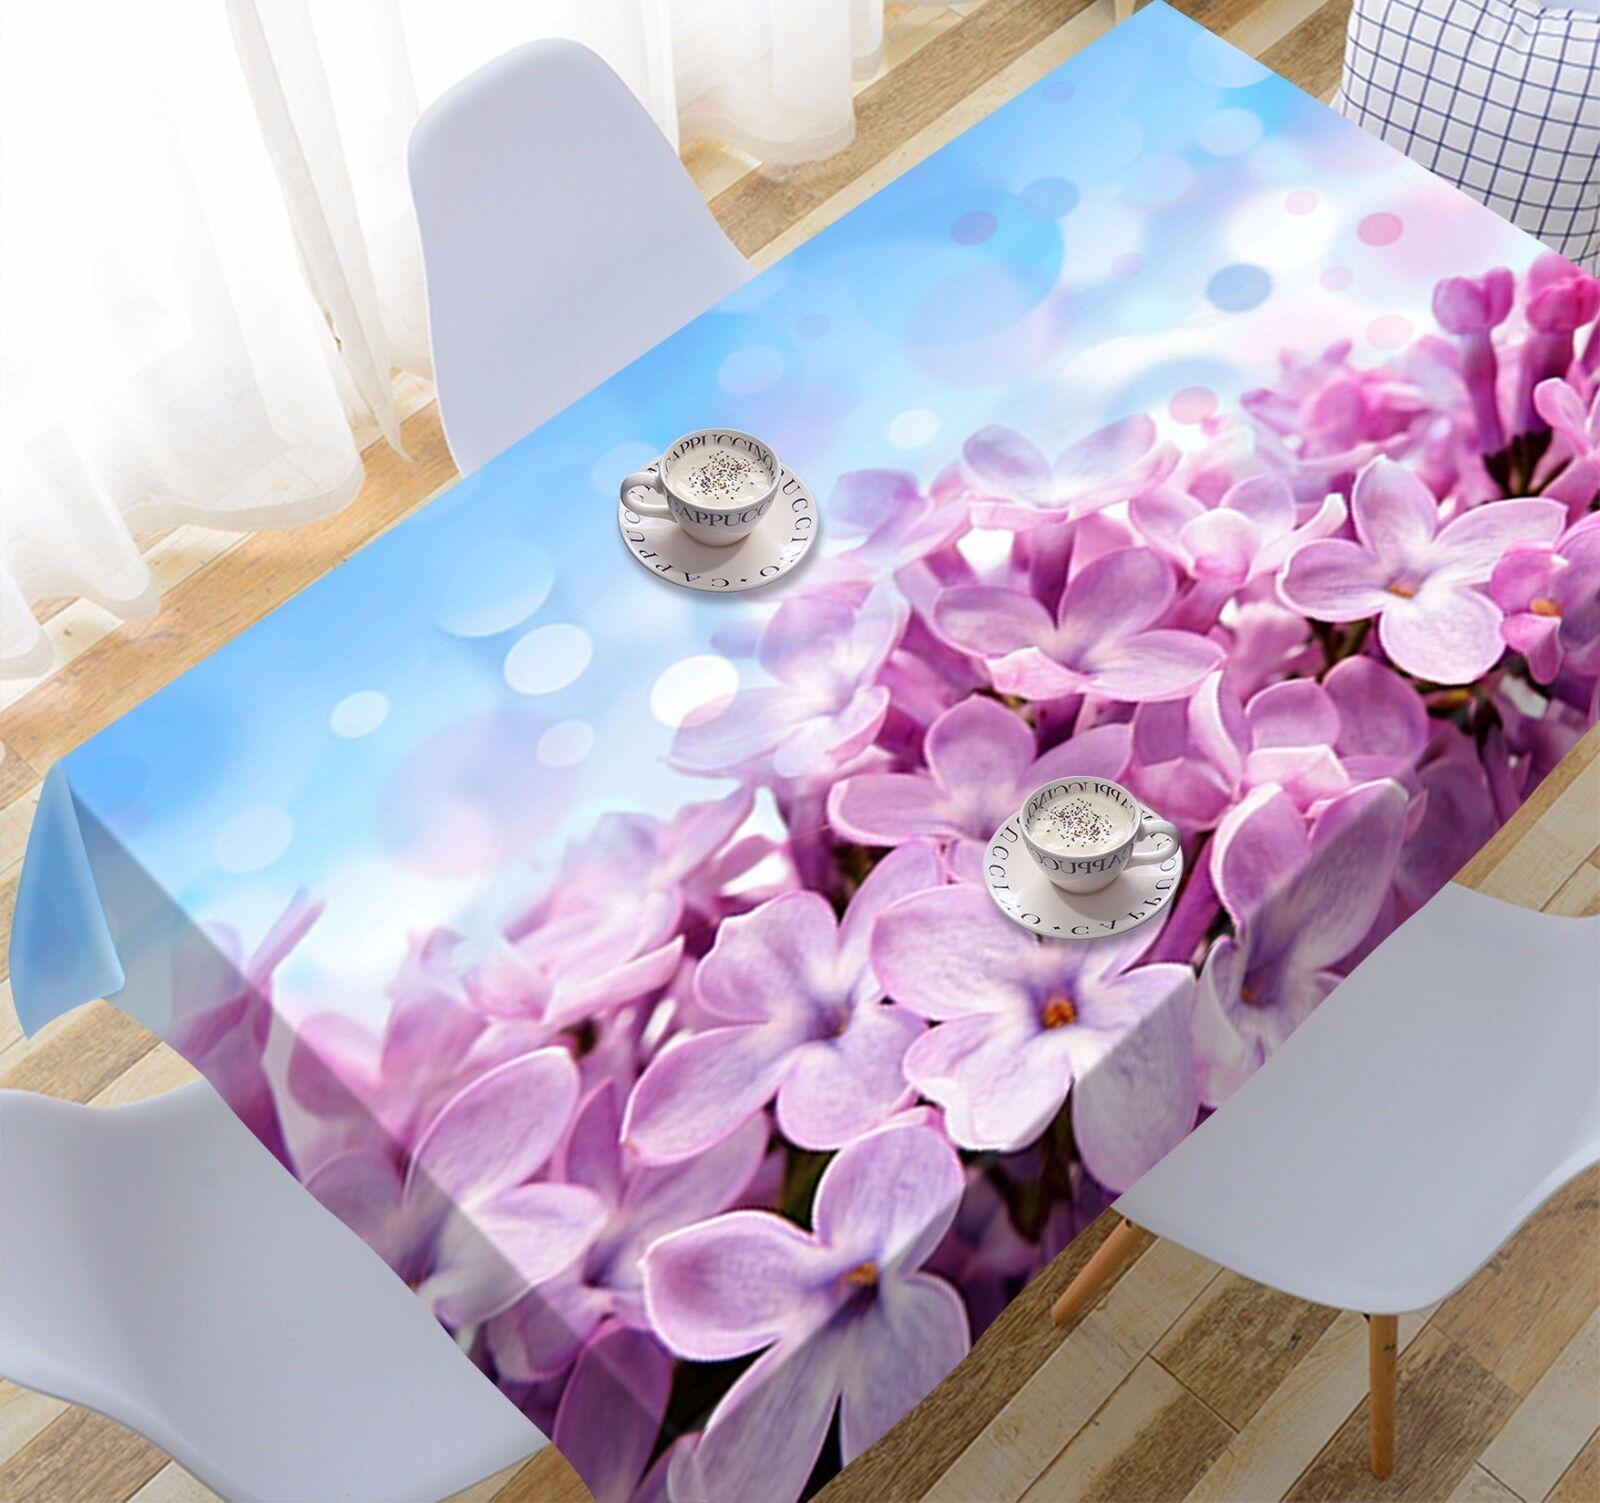 3D Fleur 899 Nappe Table Cover Cloth Fête D'Anniversaire événement AJ papier peint UK